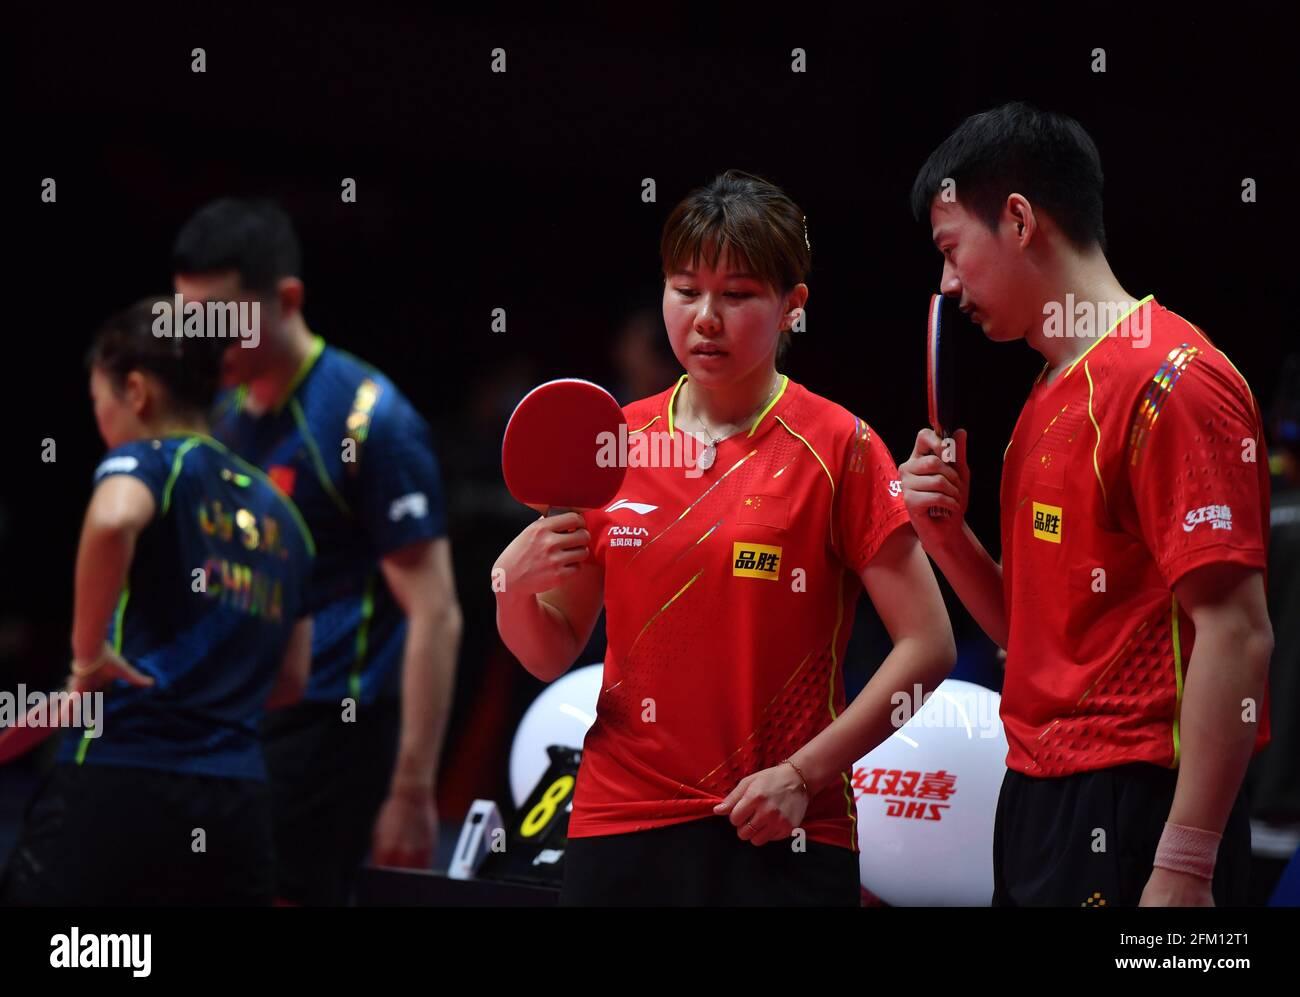 Xinxiang, provincia china de Henan. 5th de mayo de 2021. Zhou Yu (1st R)/Chen Xingtong (2nd R) se comunican durante el cuarto final de dobles mixtos entre Xu Xin/Liu Shiwen y Zhou Yu/Chen Xingtong en los juicios y simulación olímpica del WTT (World Table Tennis) de 2021 en Xinxiang, provincia de Henan en China central, 5 de mayo de 2021. Crédito: Li JianAn/Xinhua/Alamy Live News Foto de stock